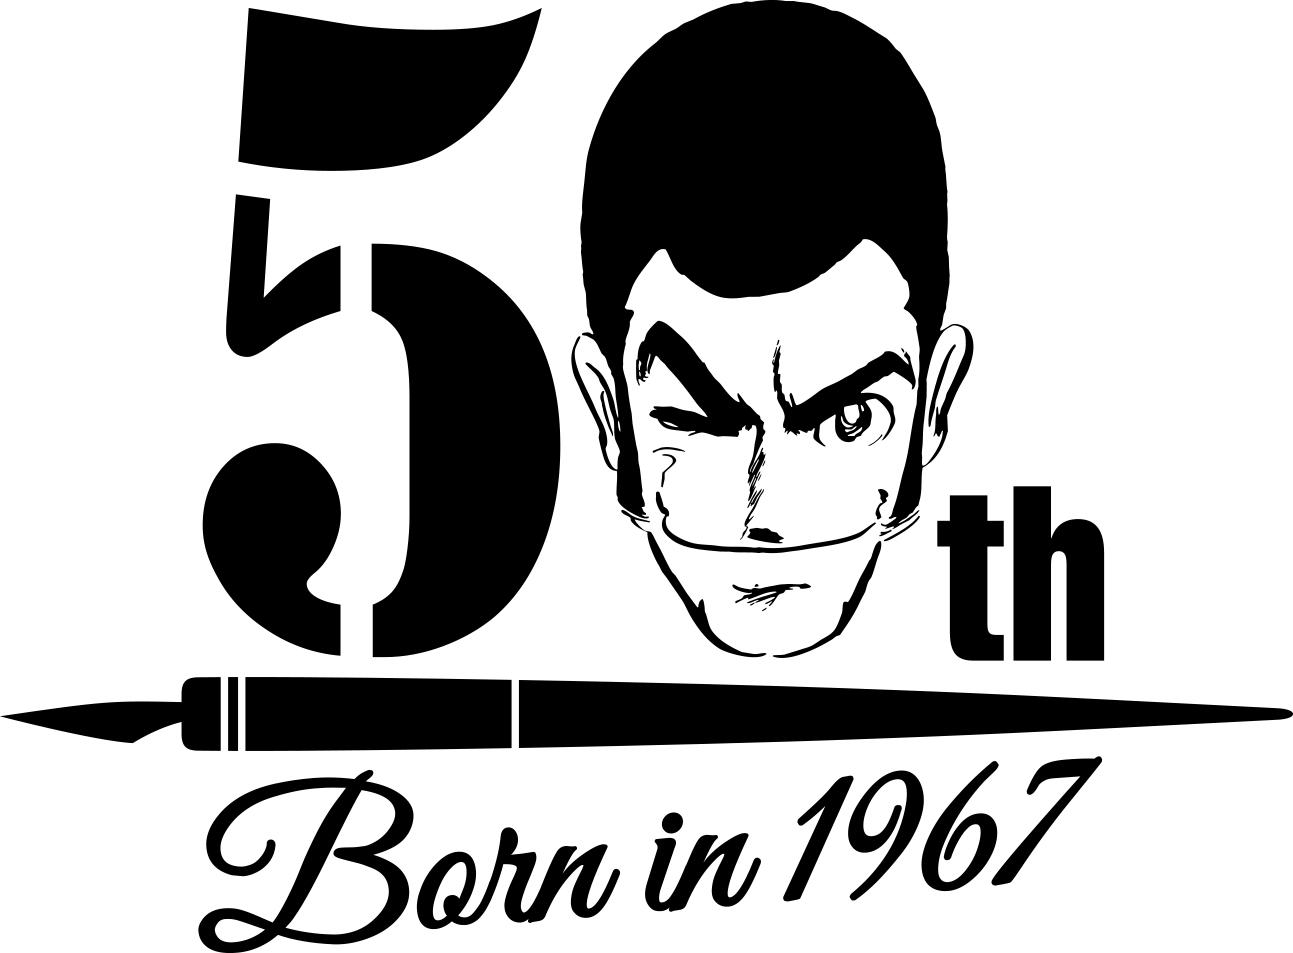 ルパン三世誕生50周年の記念イヤー